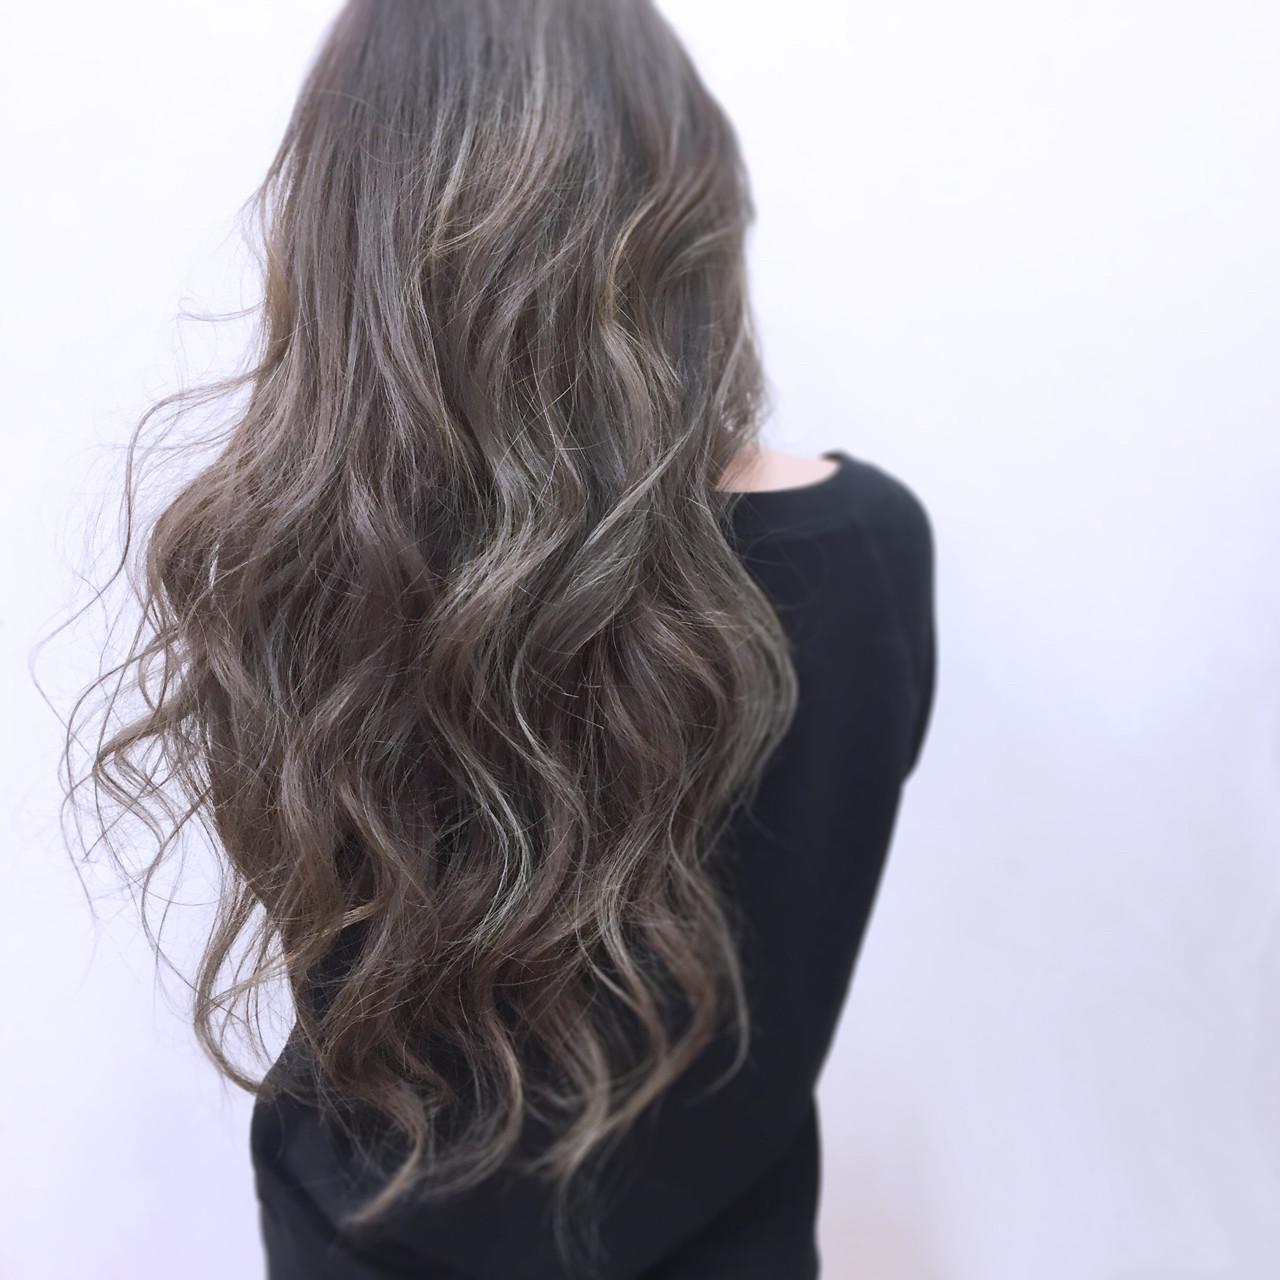 グレージュ ニュアンス ロング ハイライト ヘアスタイルや髪型の写真・画像